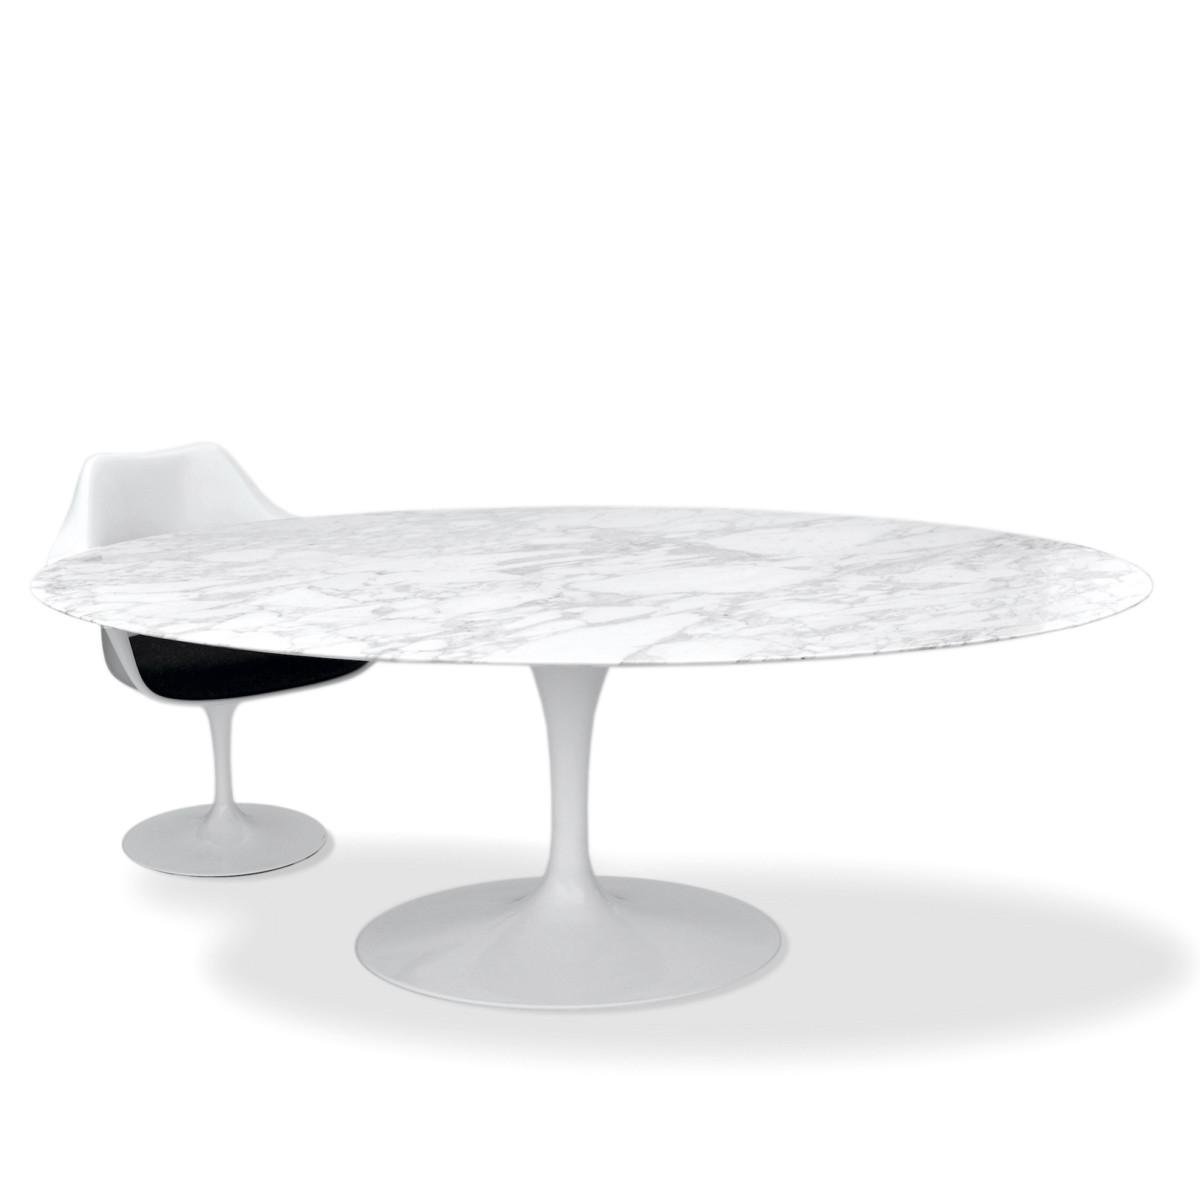 Full Size of Esstisch Weiß Oval Knoll Eero Saarinen 198x121cm Arabescato Esstische Design Kaufen Bogenlampe Bett 160x200 Kleiner Weiße Betten Regal Kinderzimmer Weißes Esstische Esstisch Weiß Oval